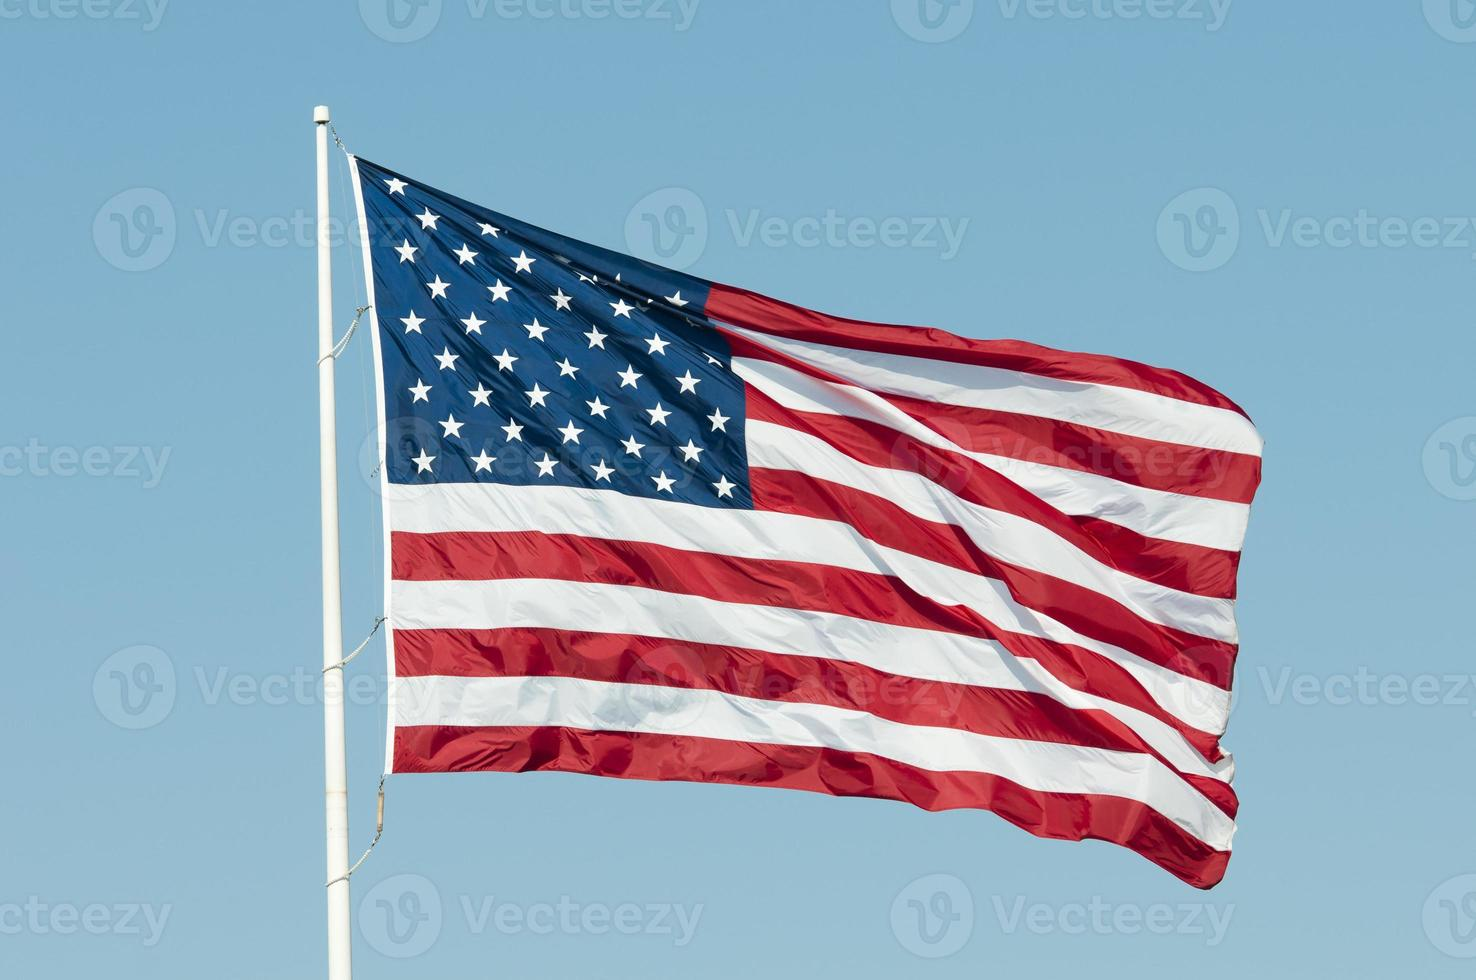 amerikanska flaggan vajande i blå himmel foto